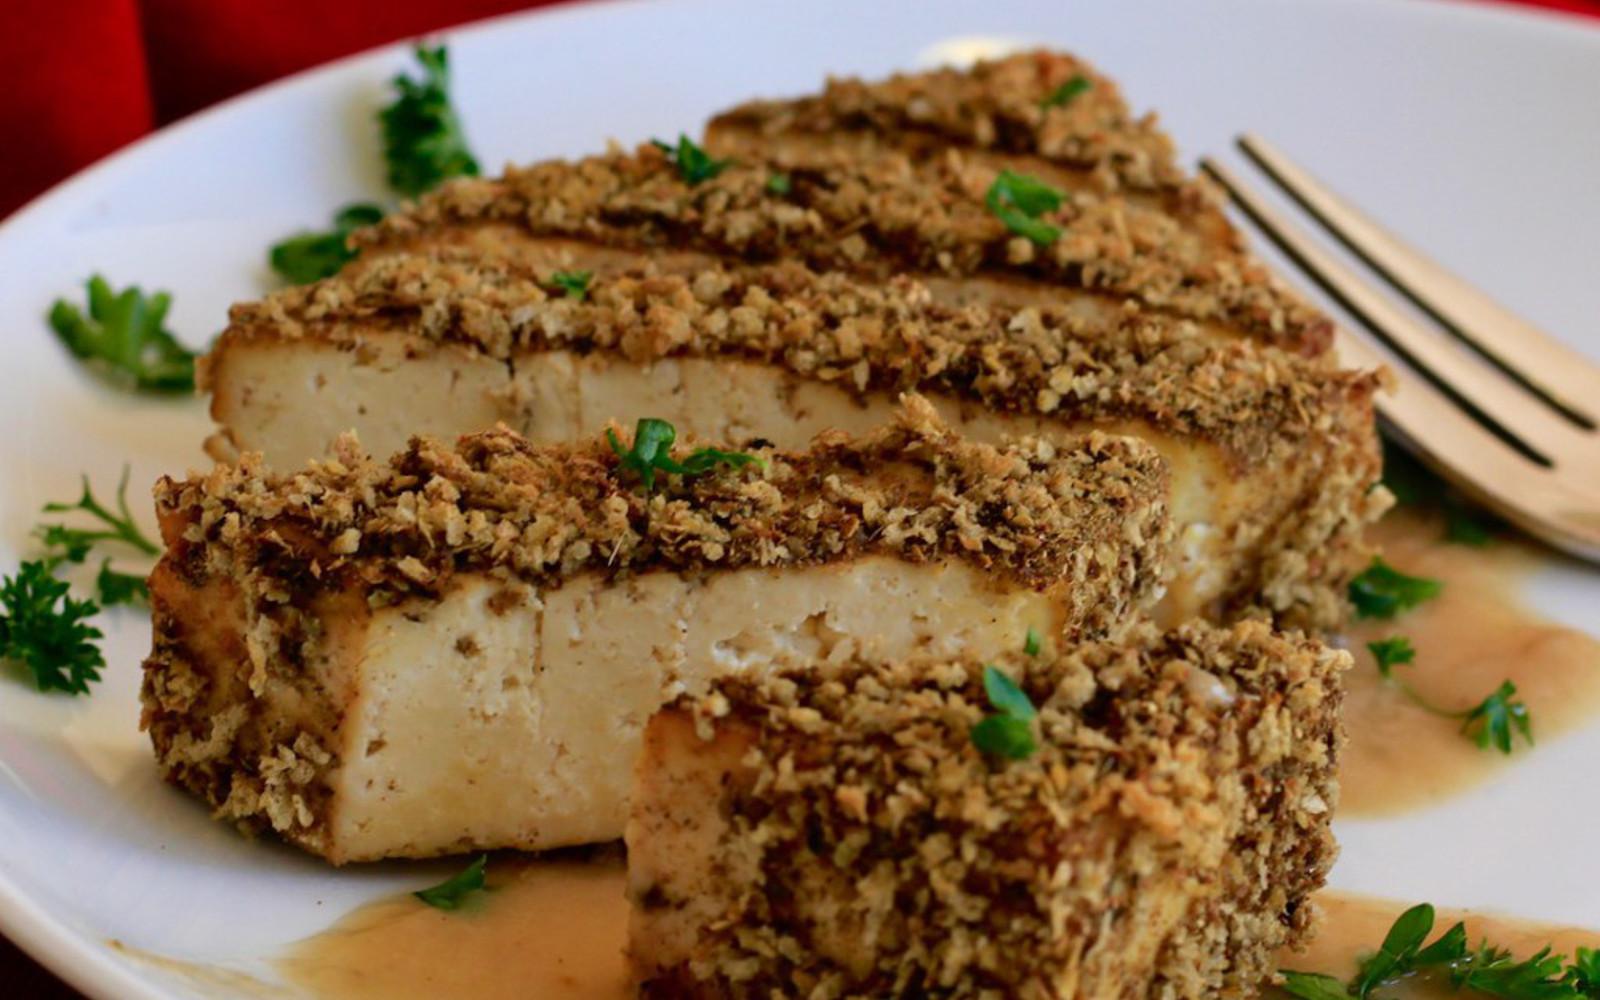 Crispy Coated Baked Tofu With Gravy b